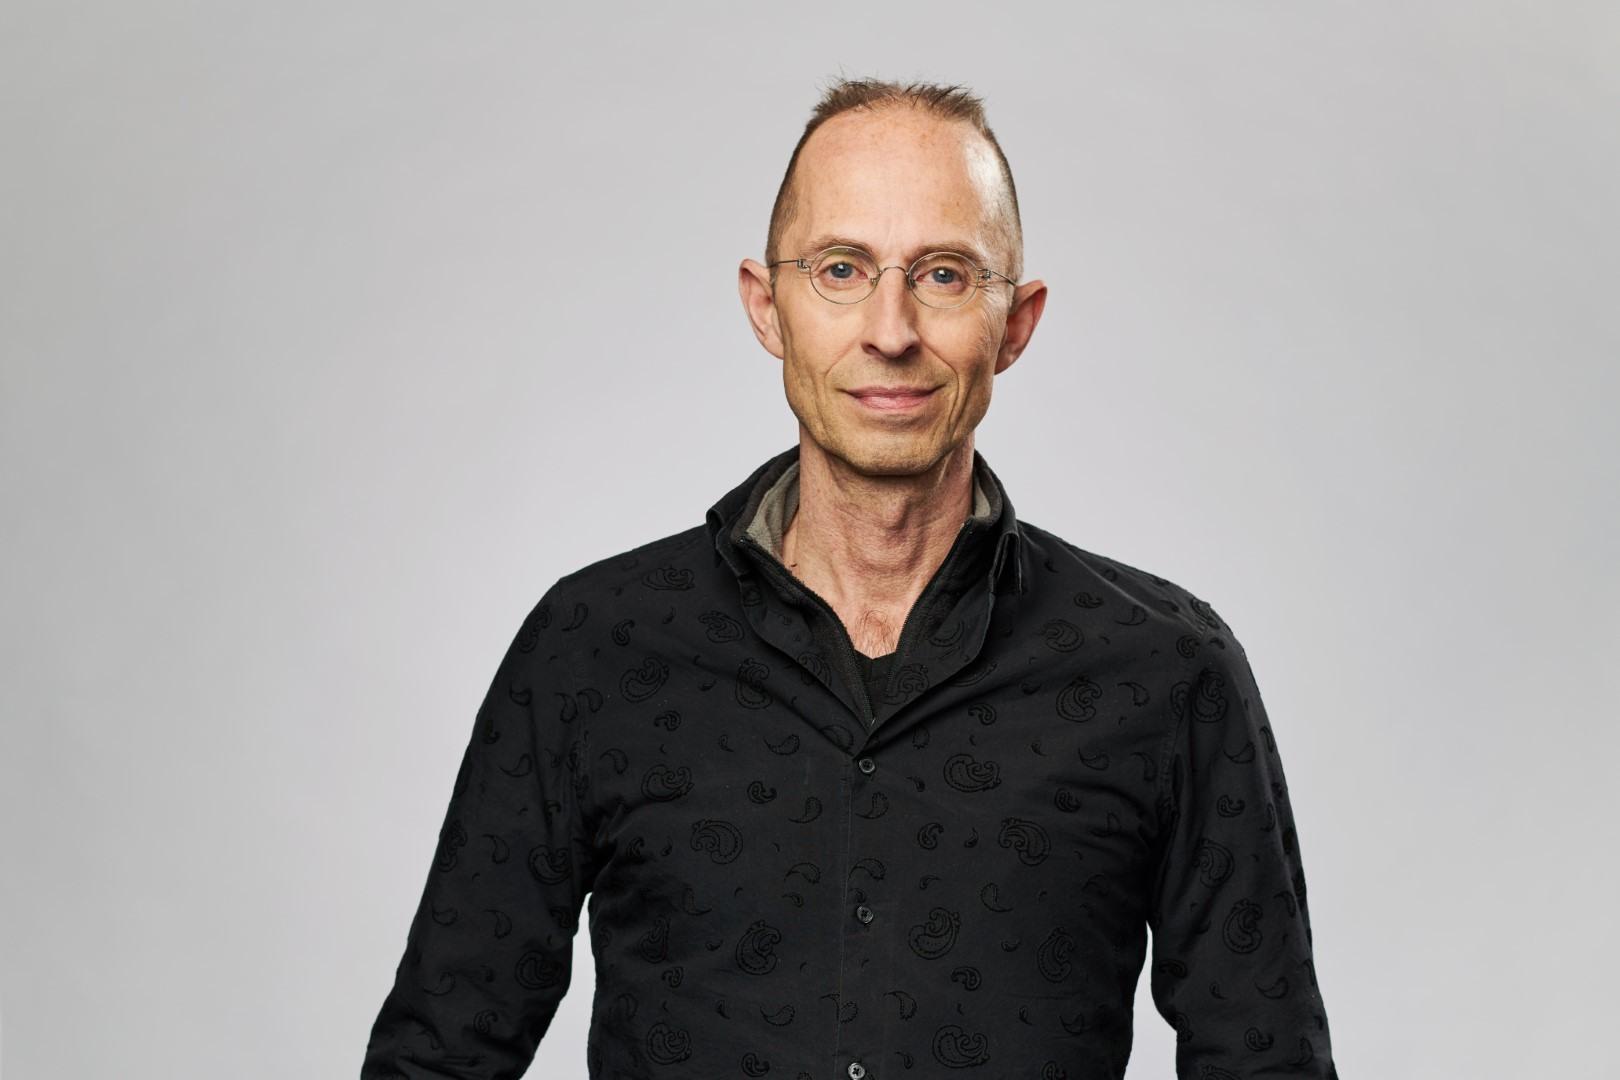 Carl Hoekstra